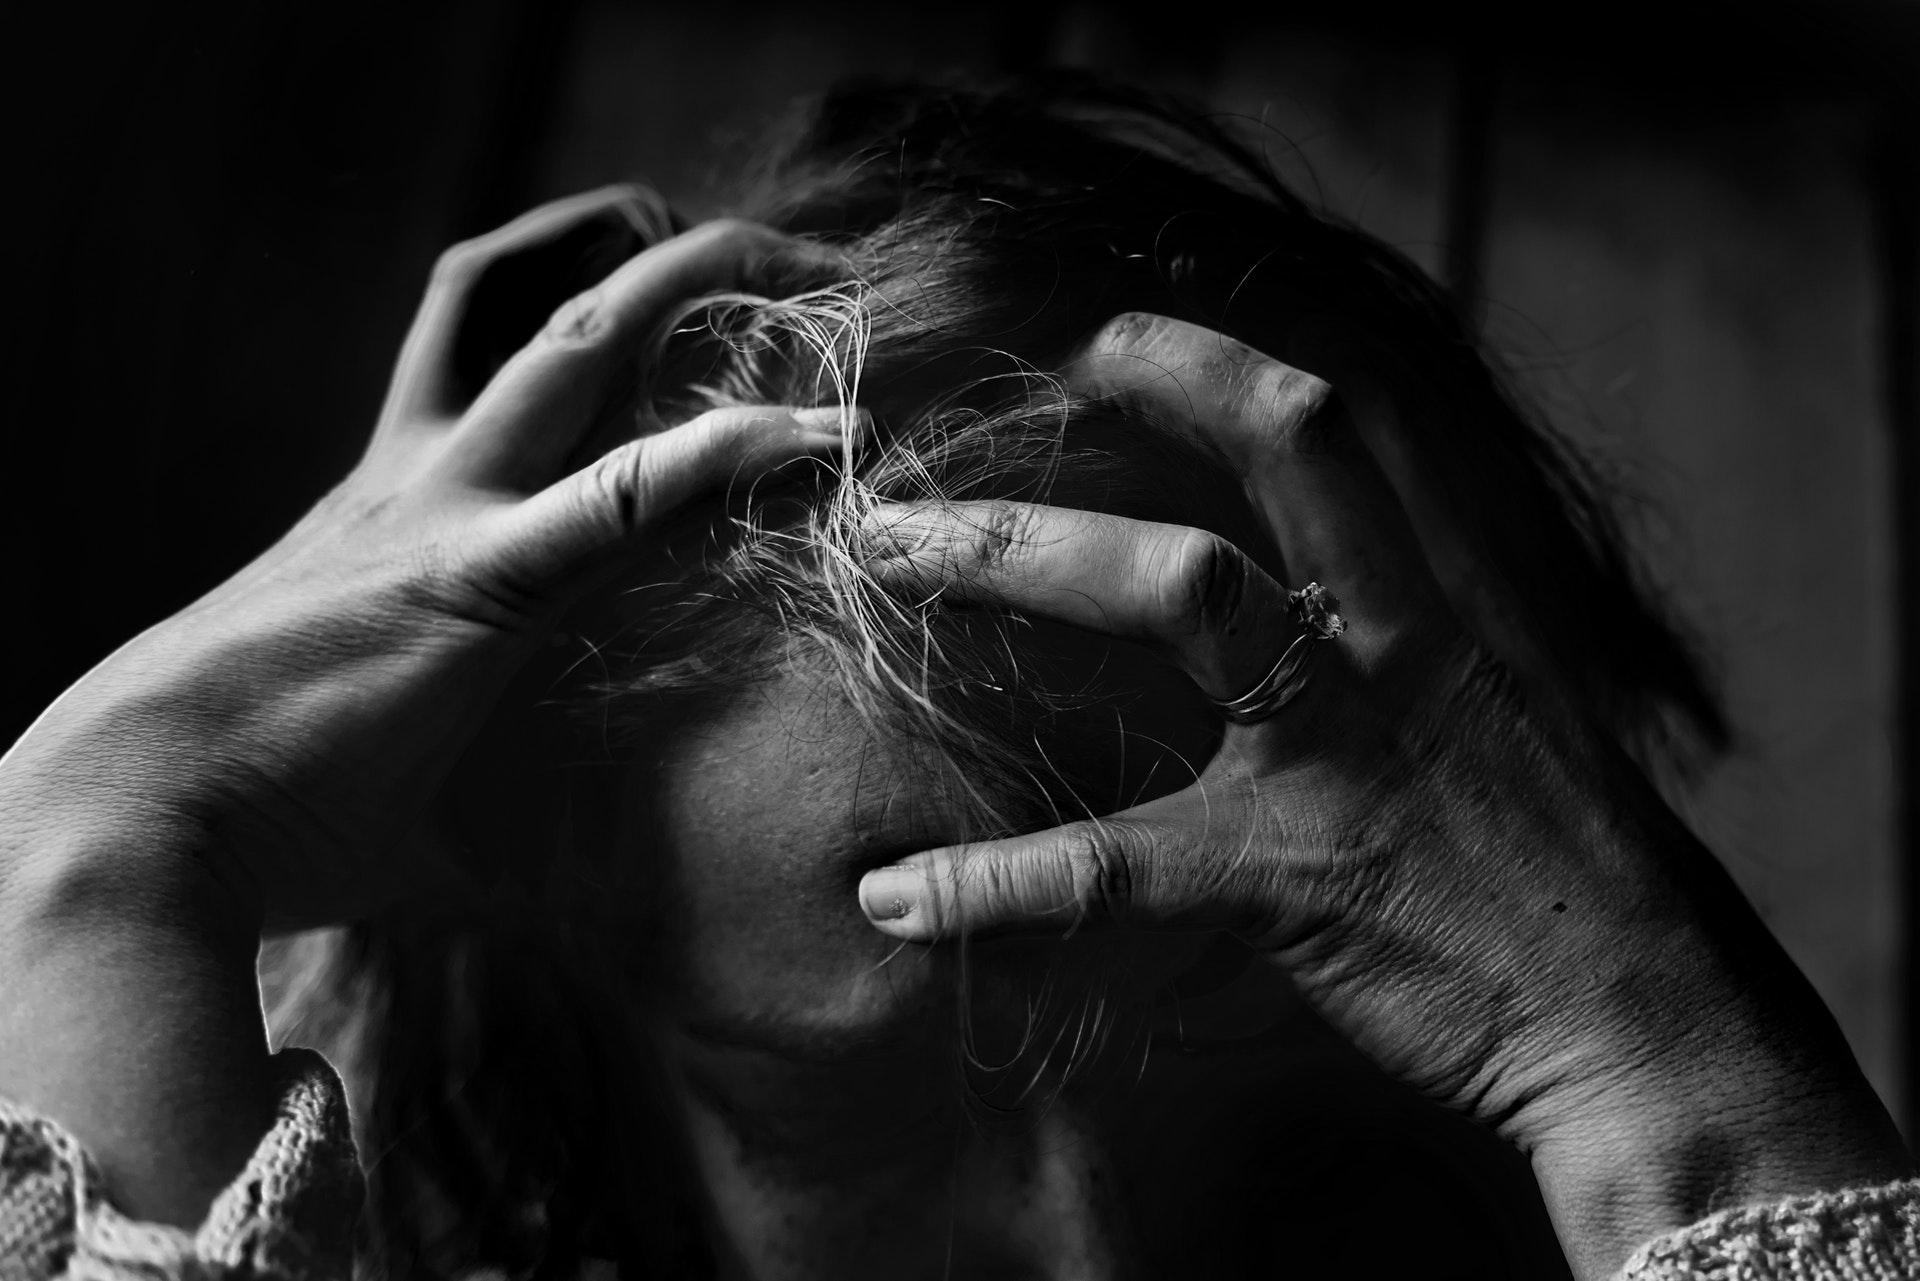 Spotykanie się z osobą z zaburzeniem panicznym